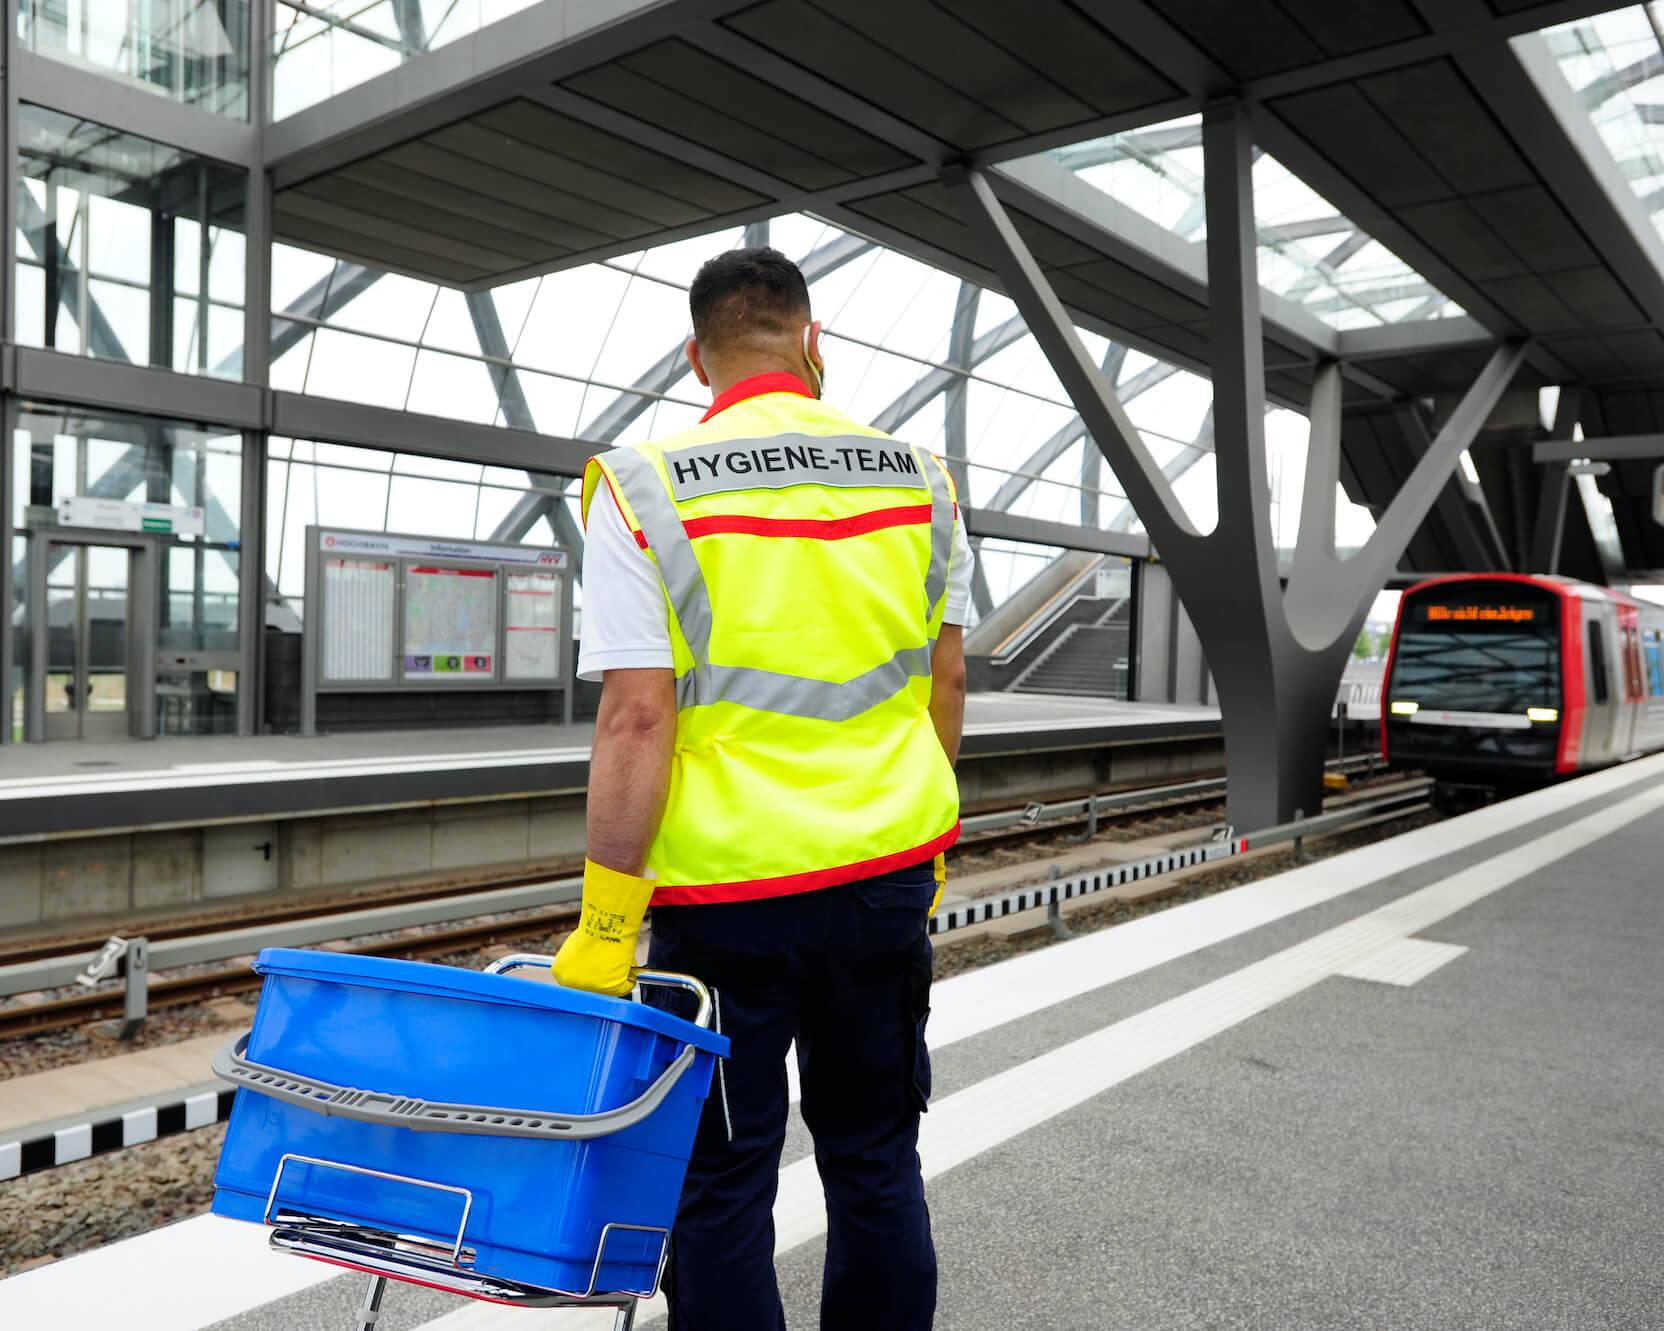 Mitarbeiter des Hochbahn-Hygieneteams am Bahnsteg.